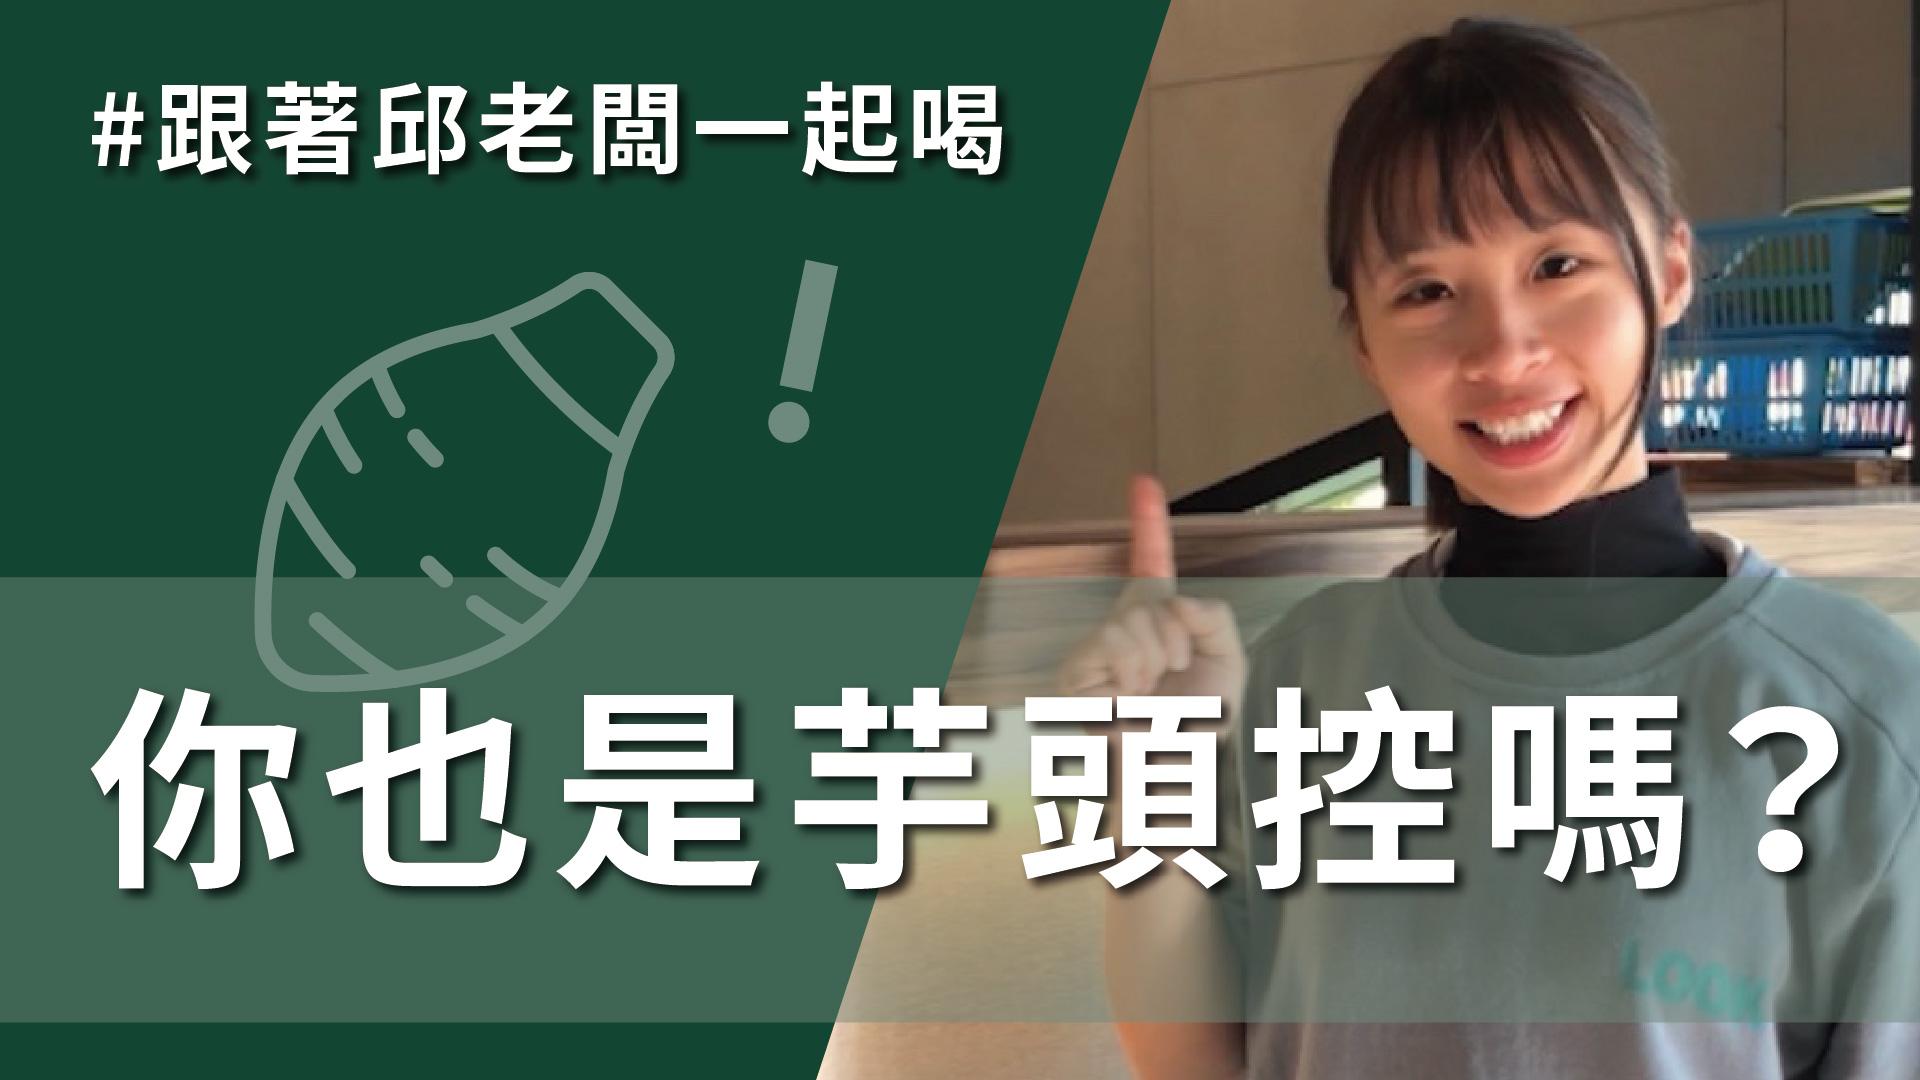 芋頭控無法抵擋! 綿密濃郁大甲芋頭!「許慶良芋頭鮮奶」#1月17日 #DAY126